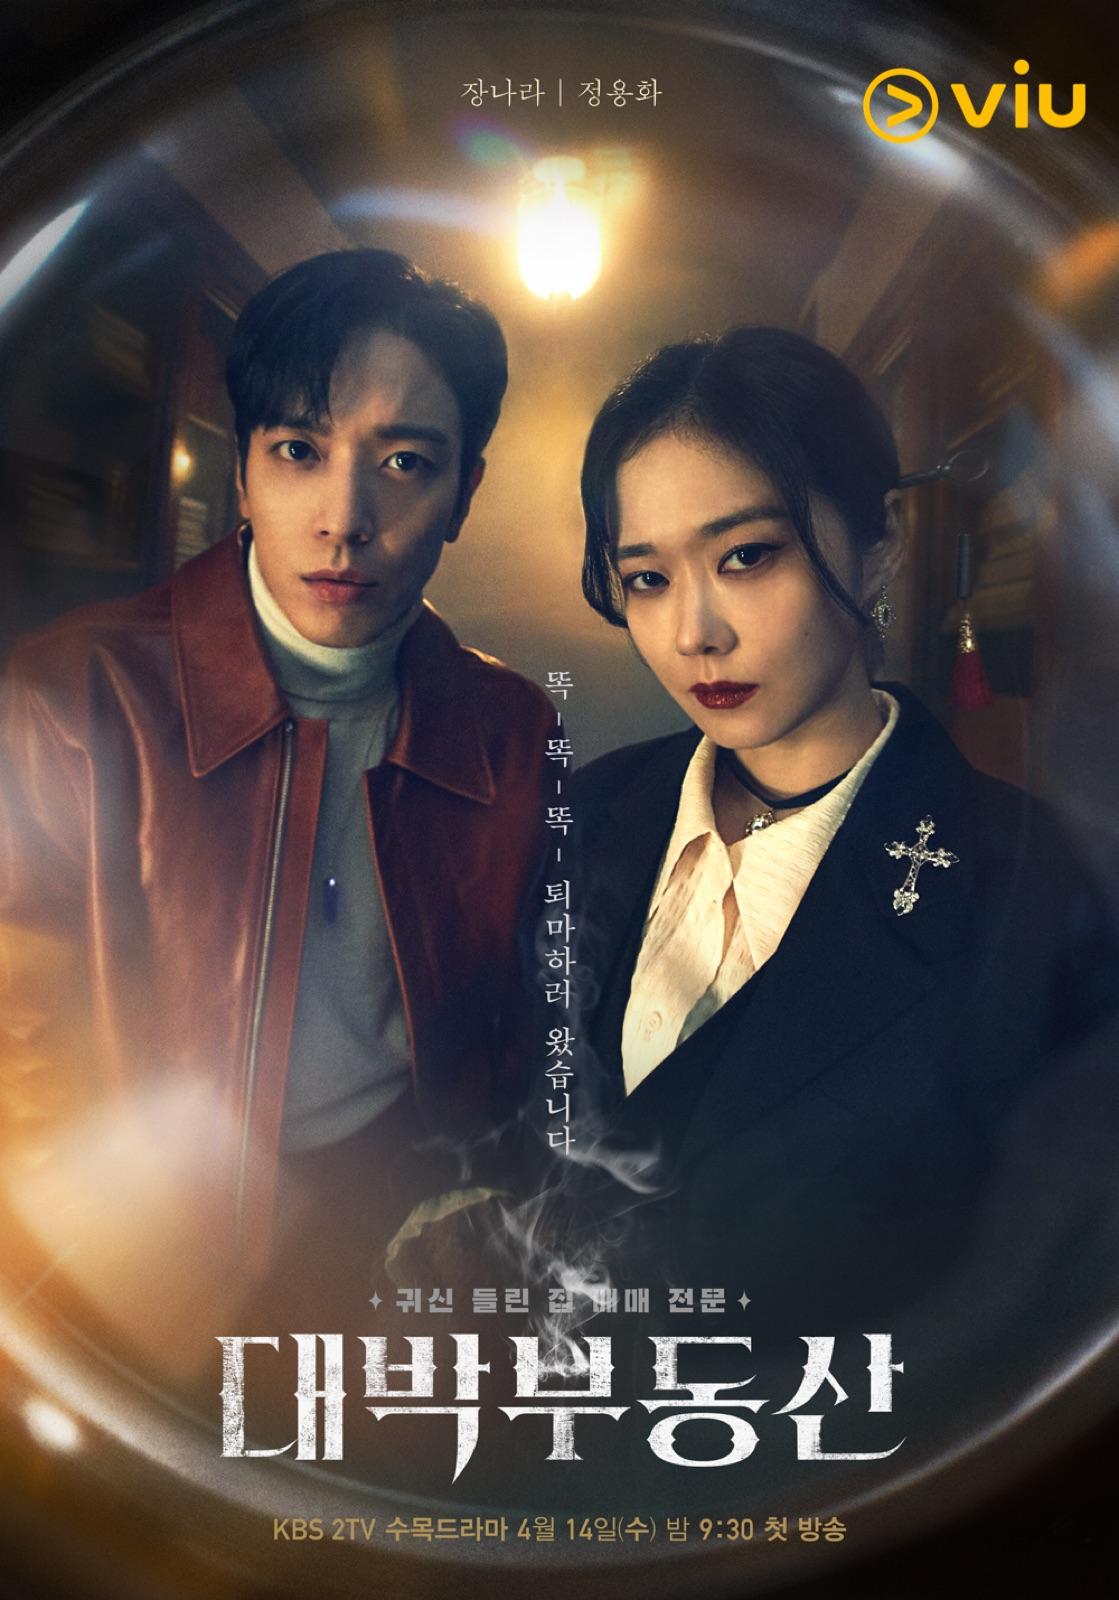 《大发不动产》张娜拉、郑容和主演将迎来大结局, 盘点韩国剧历法年鬼魅经典